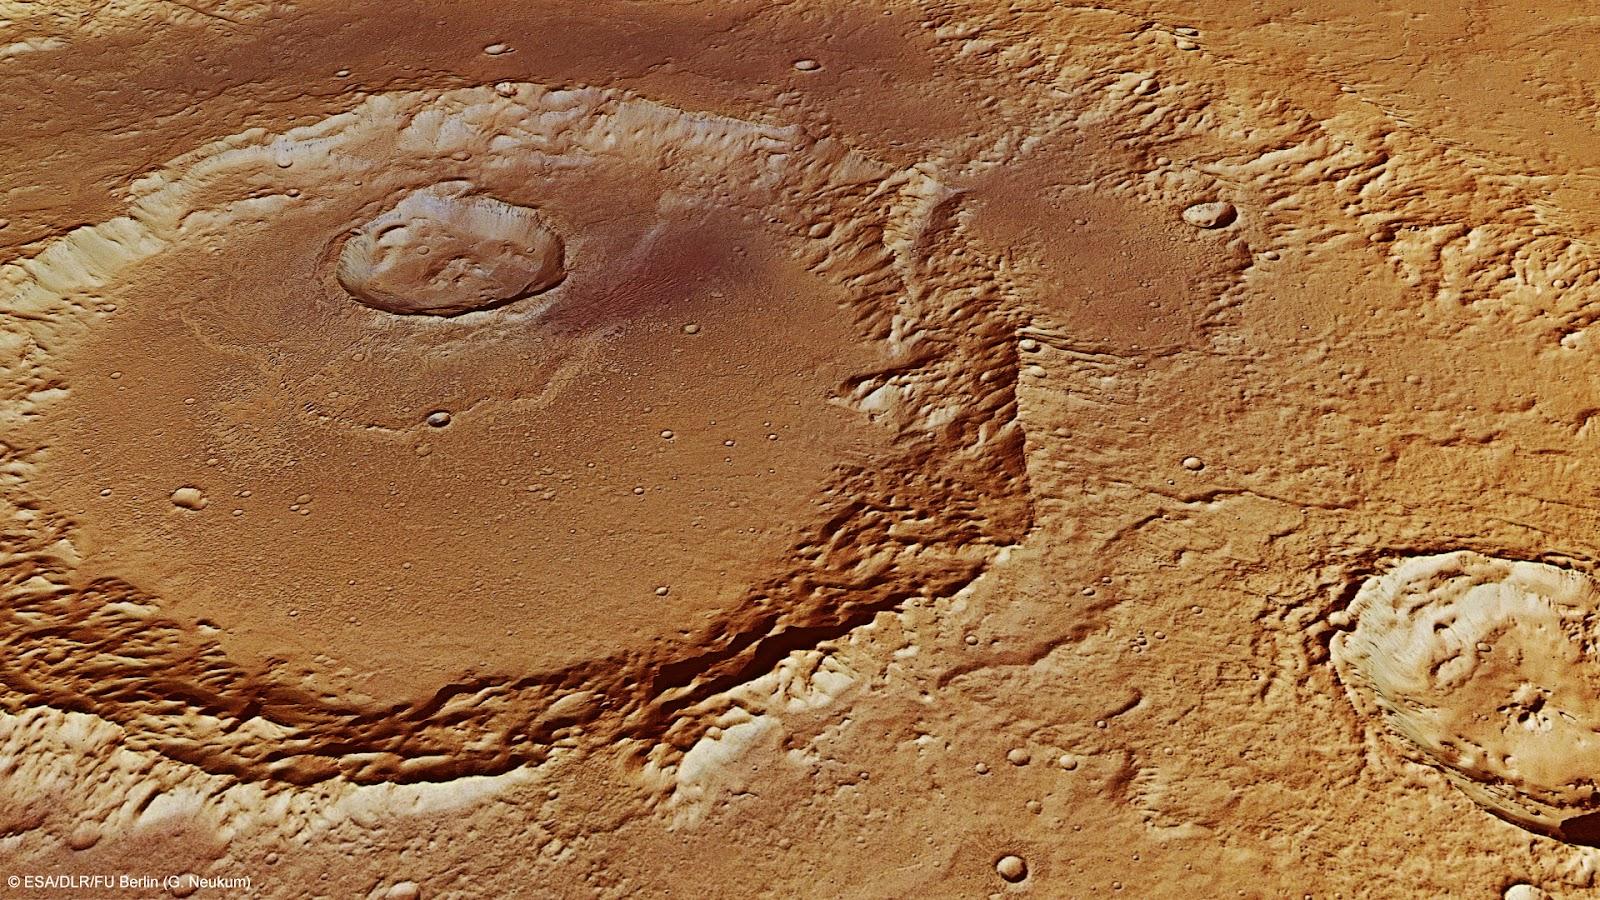 марс занимает место от солнца